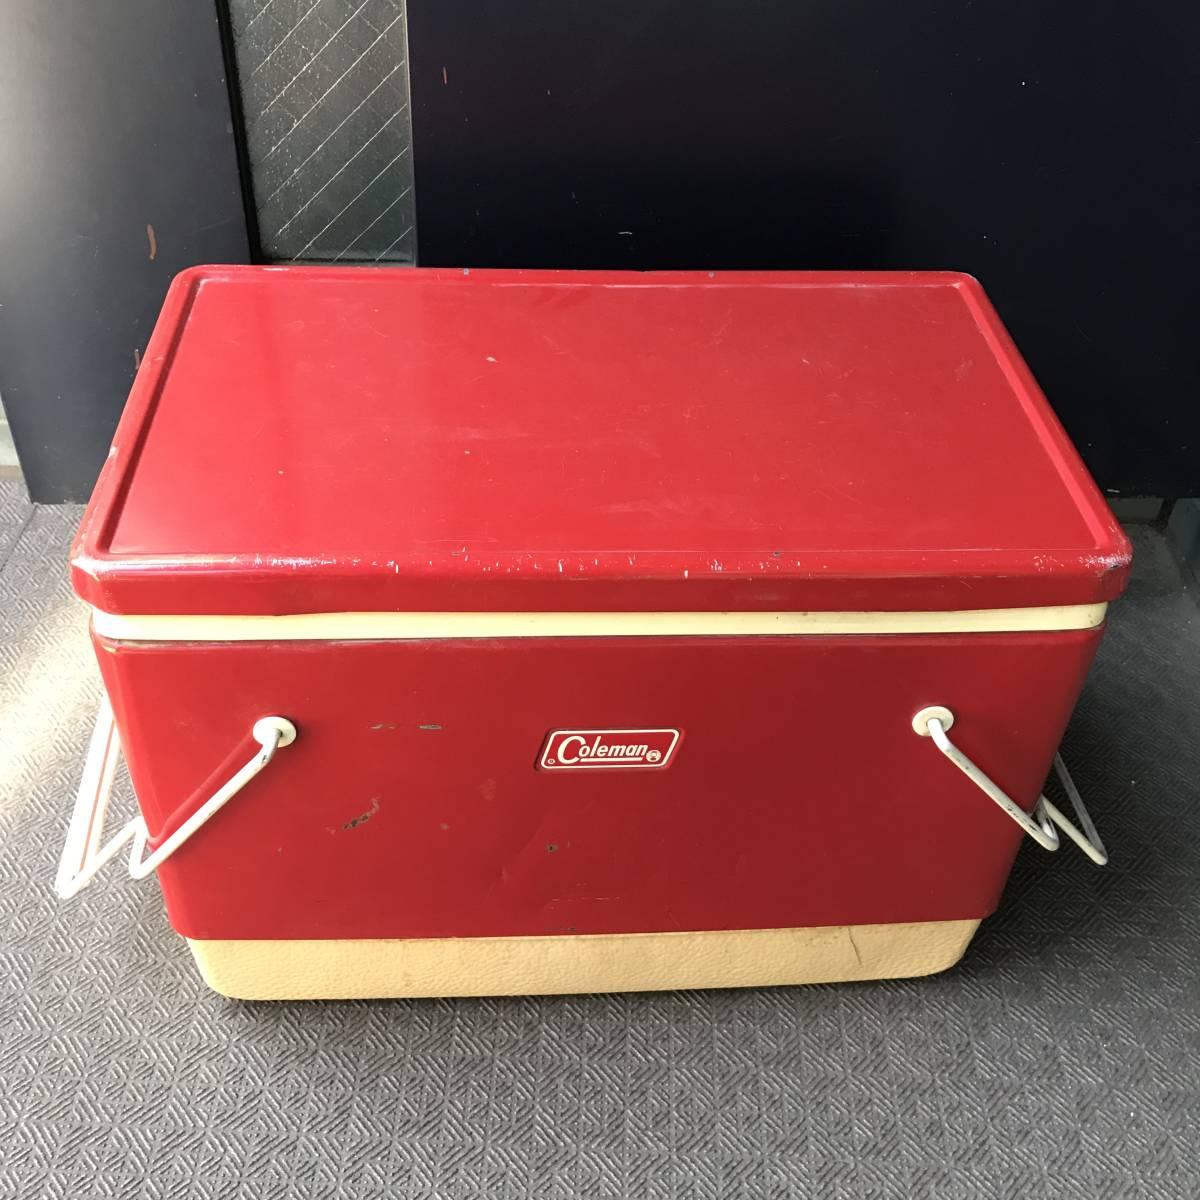 貴重!60's~70's COLEMAN ヴィンテージ USA 赤 コールマン クーラーボックス/70'sジャグキャンプアメリカアンティーク西海岸ガレージ_画像7